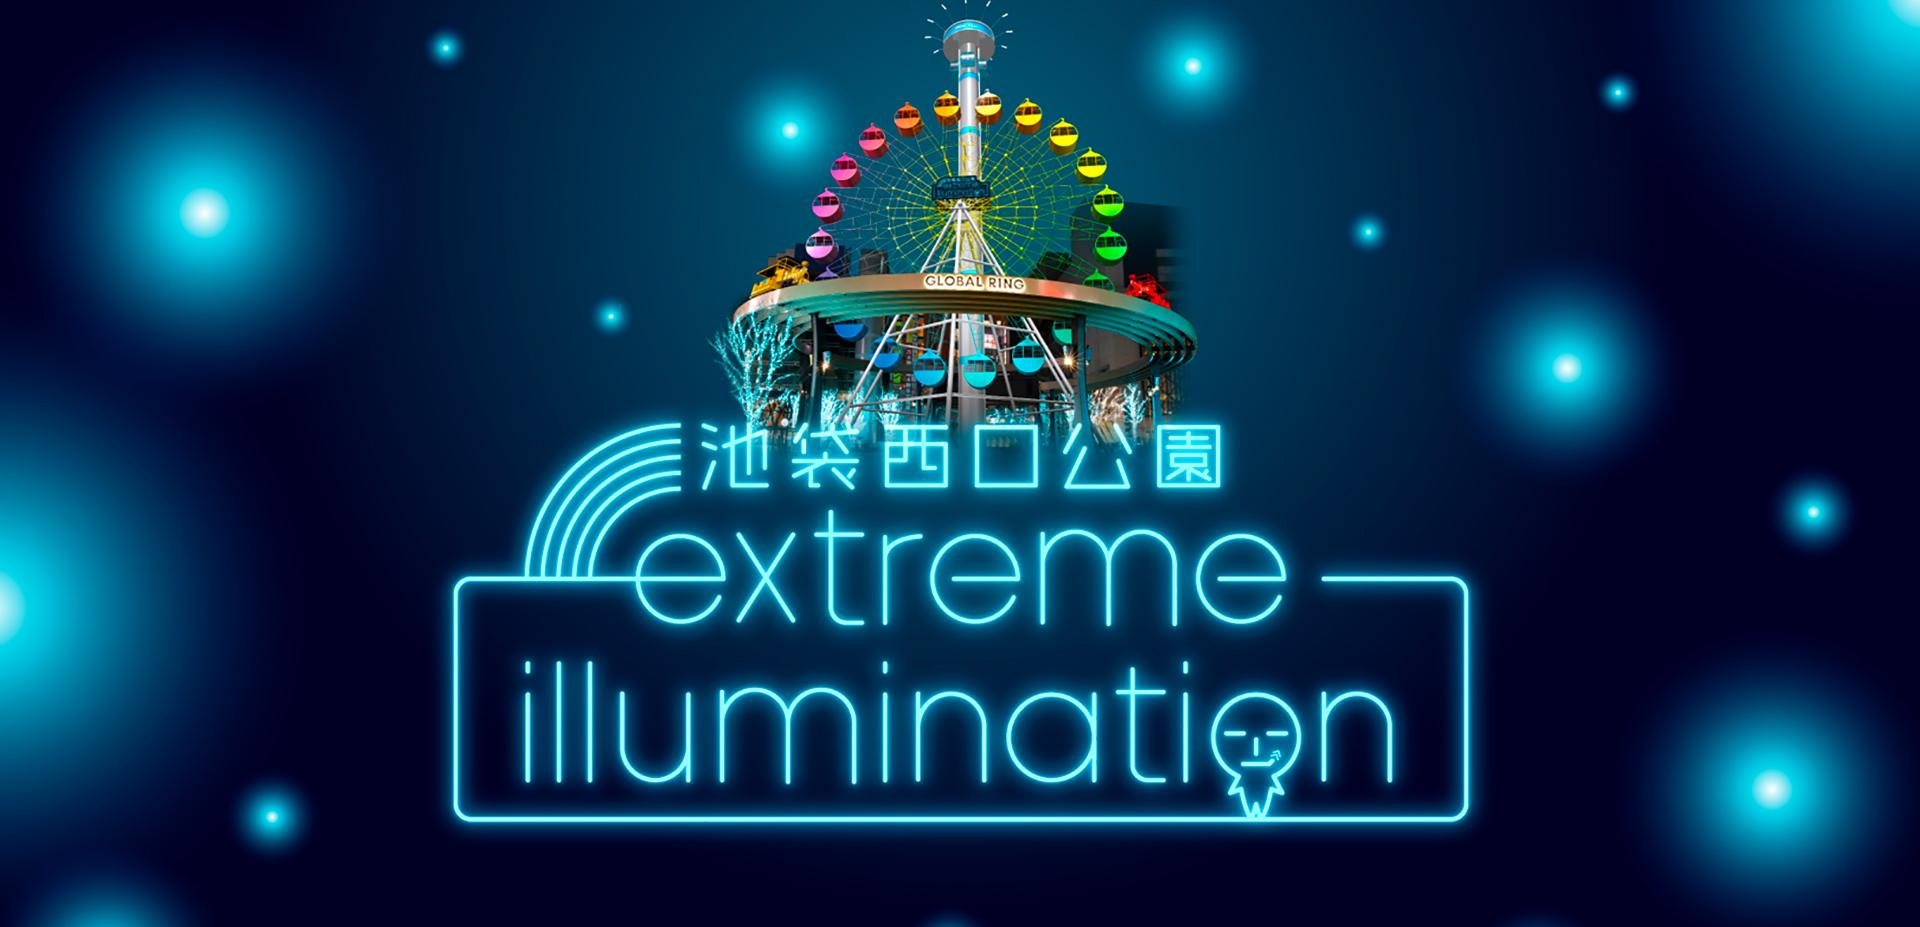 池袋西口公園extremeイルミネーション2020・夜空のVR遊園地